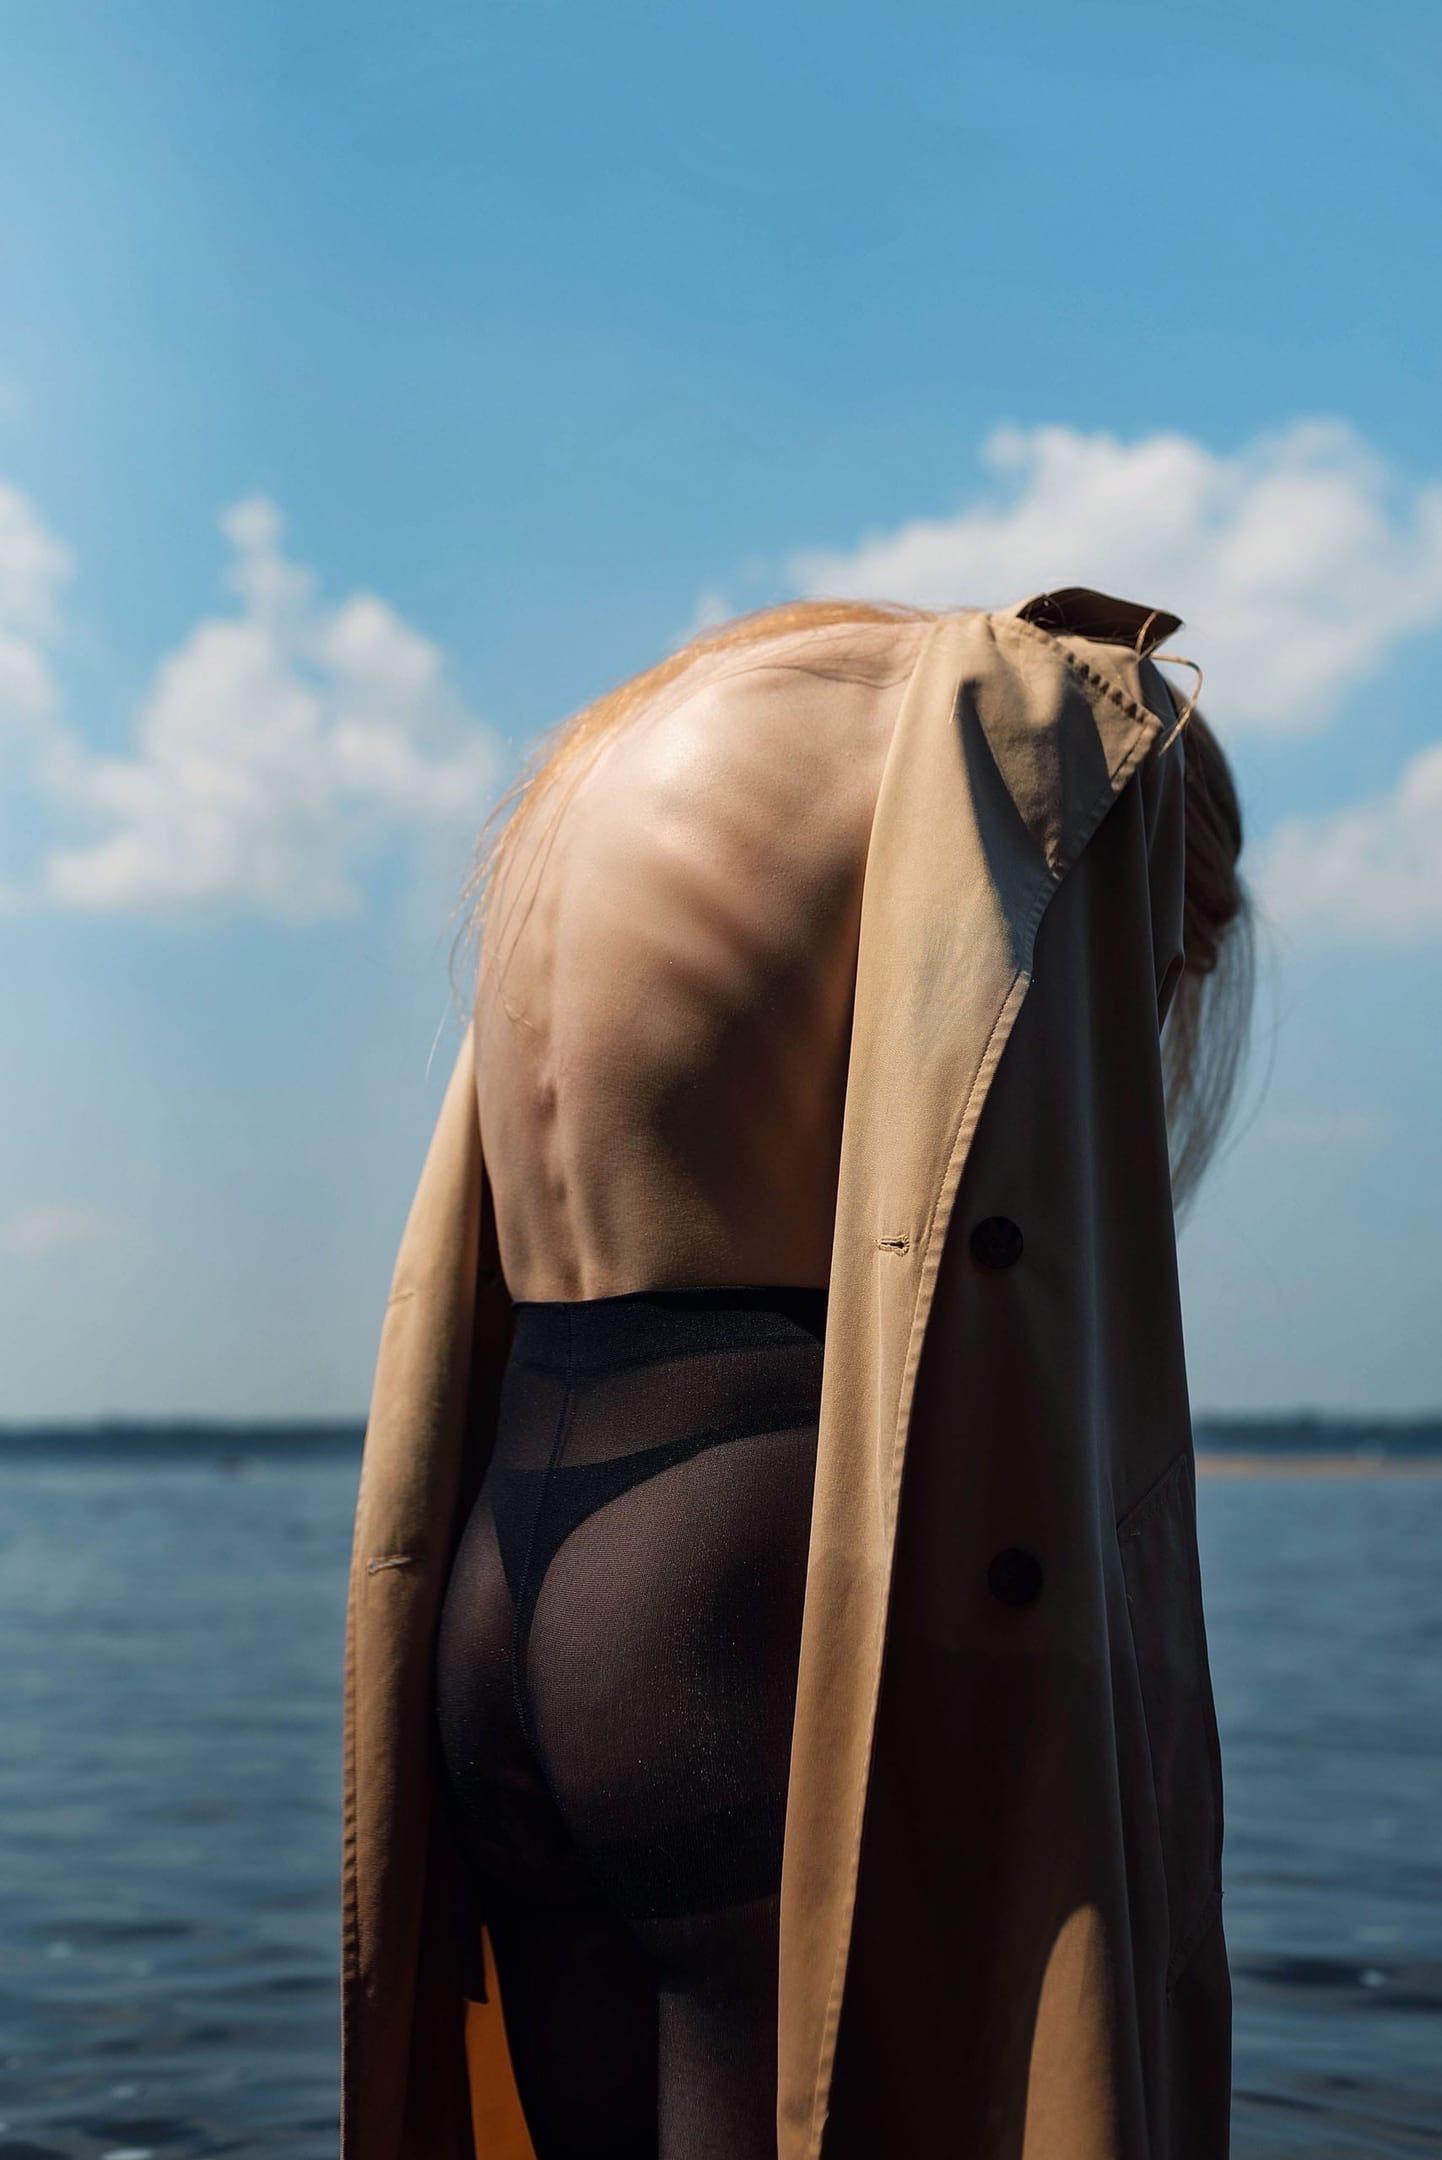 https://www.youngfolks.ru/pub/model-anastasiya-kuznetsova-photographer-timur-razyapov